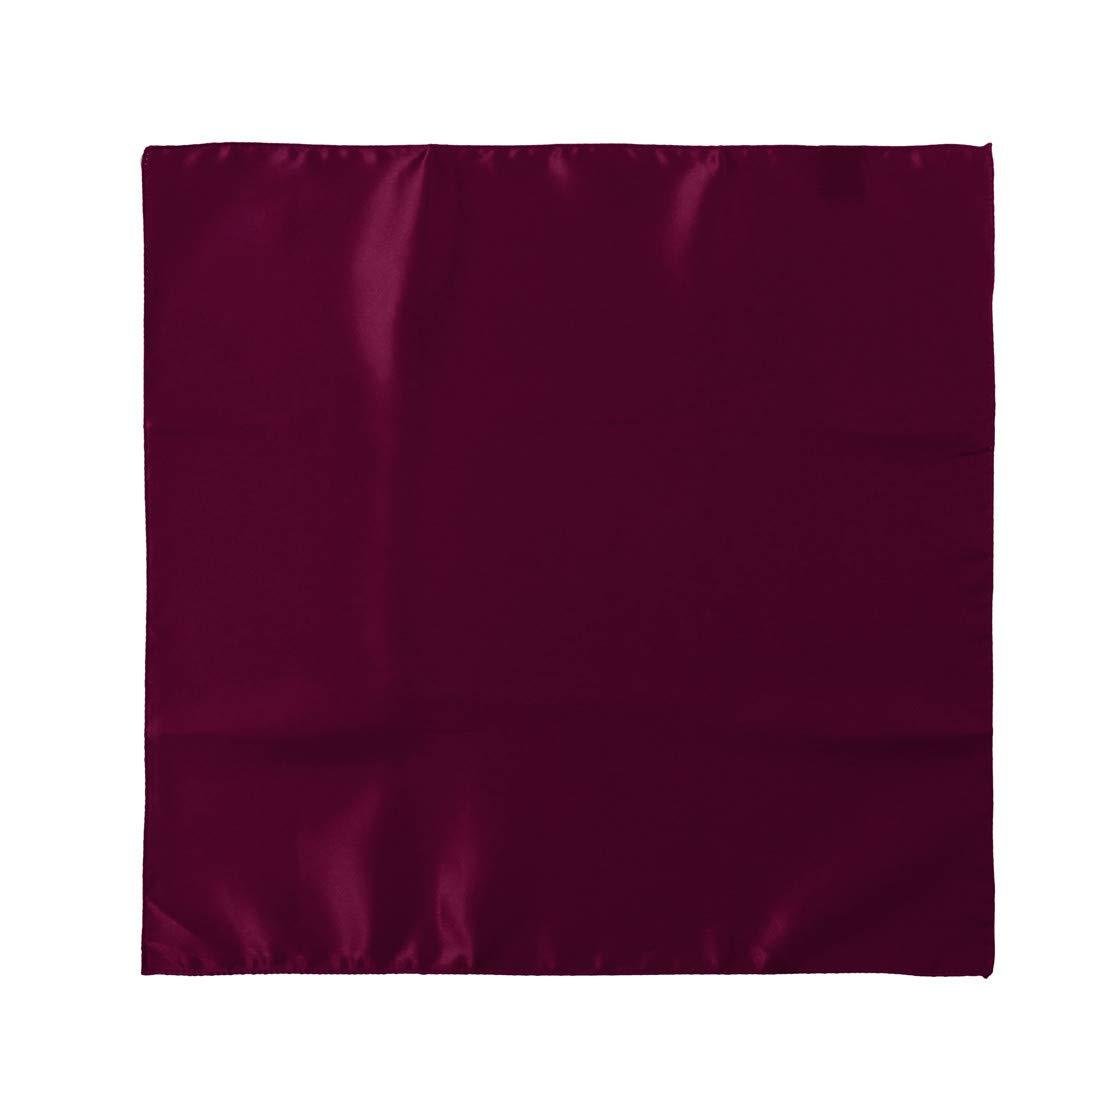 Dan Smith C.C.Y.E.001 Satin Mens Hanky Microfiber Formal Wear 5 Handkerchief Set